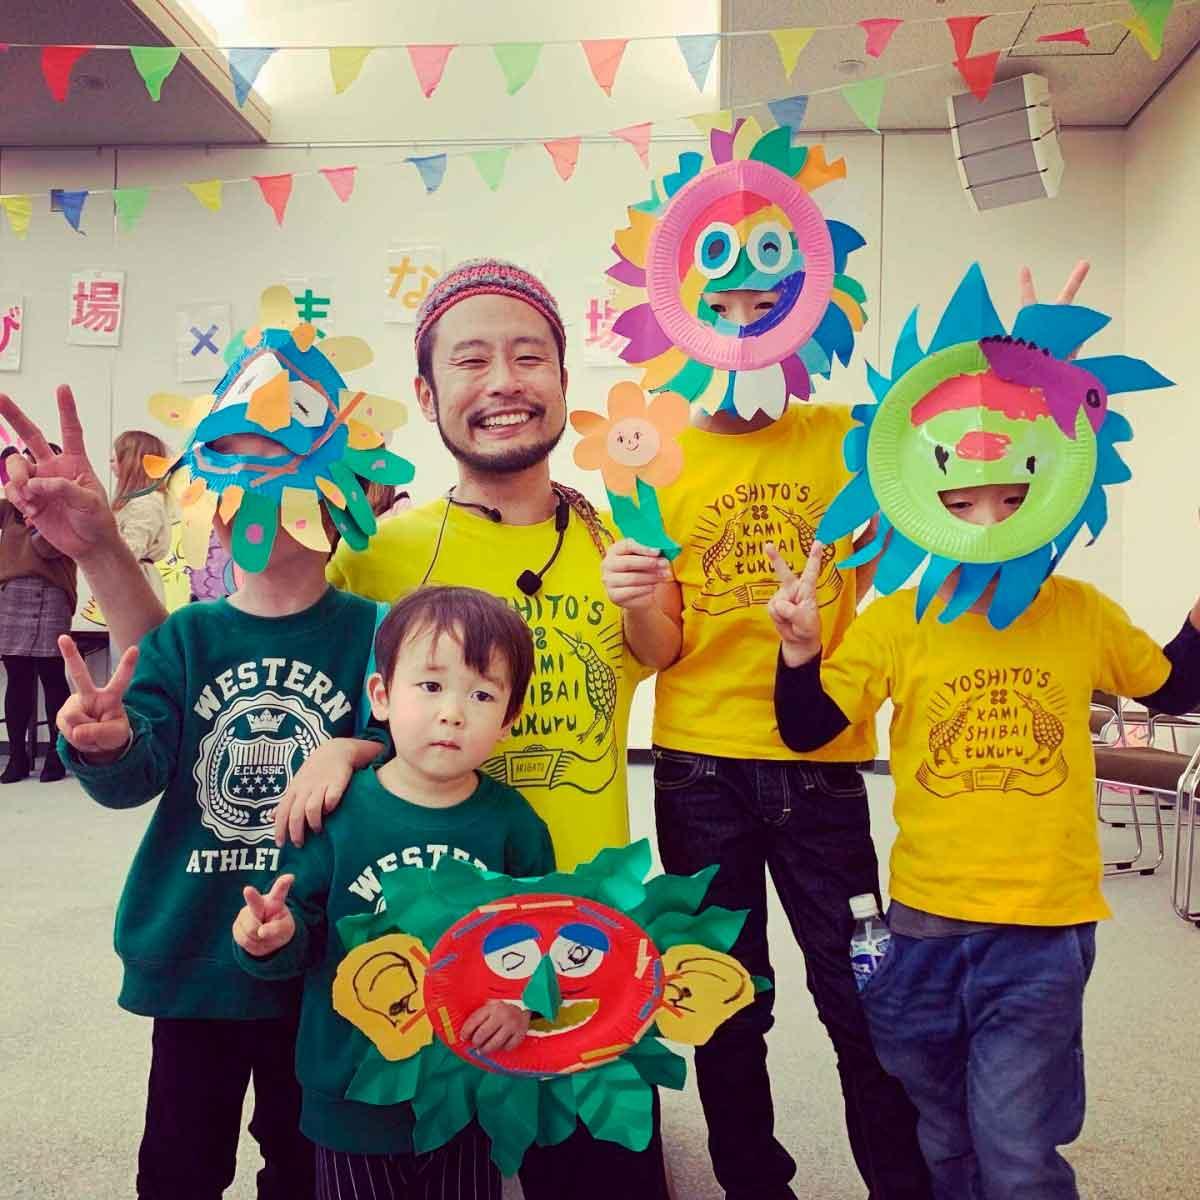 知らなかった!第20回アシテジ世界大会のロゴ作者が松江市にいた!?【後編】